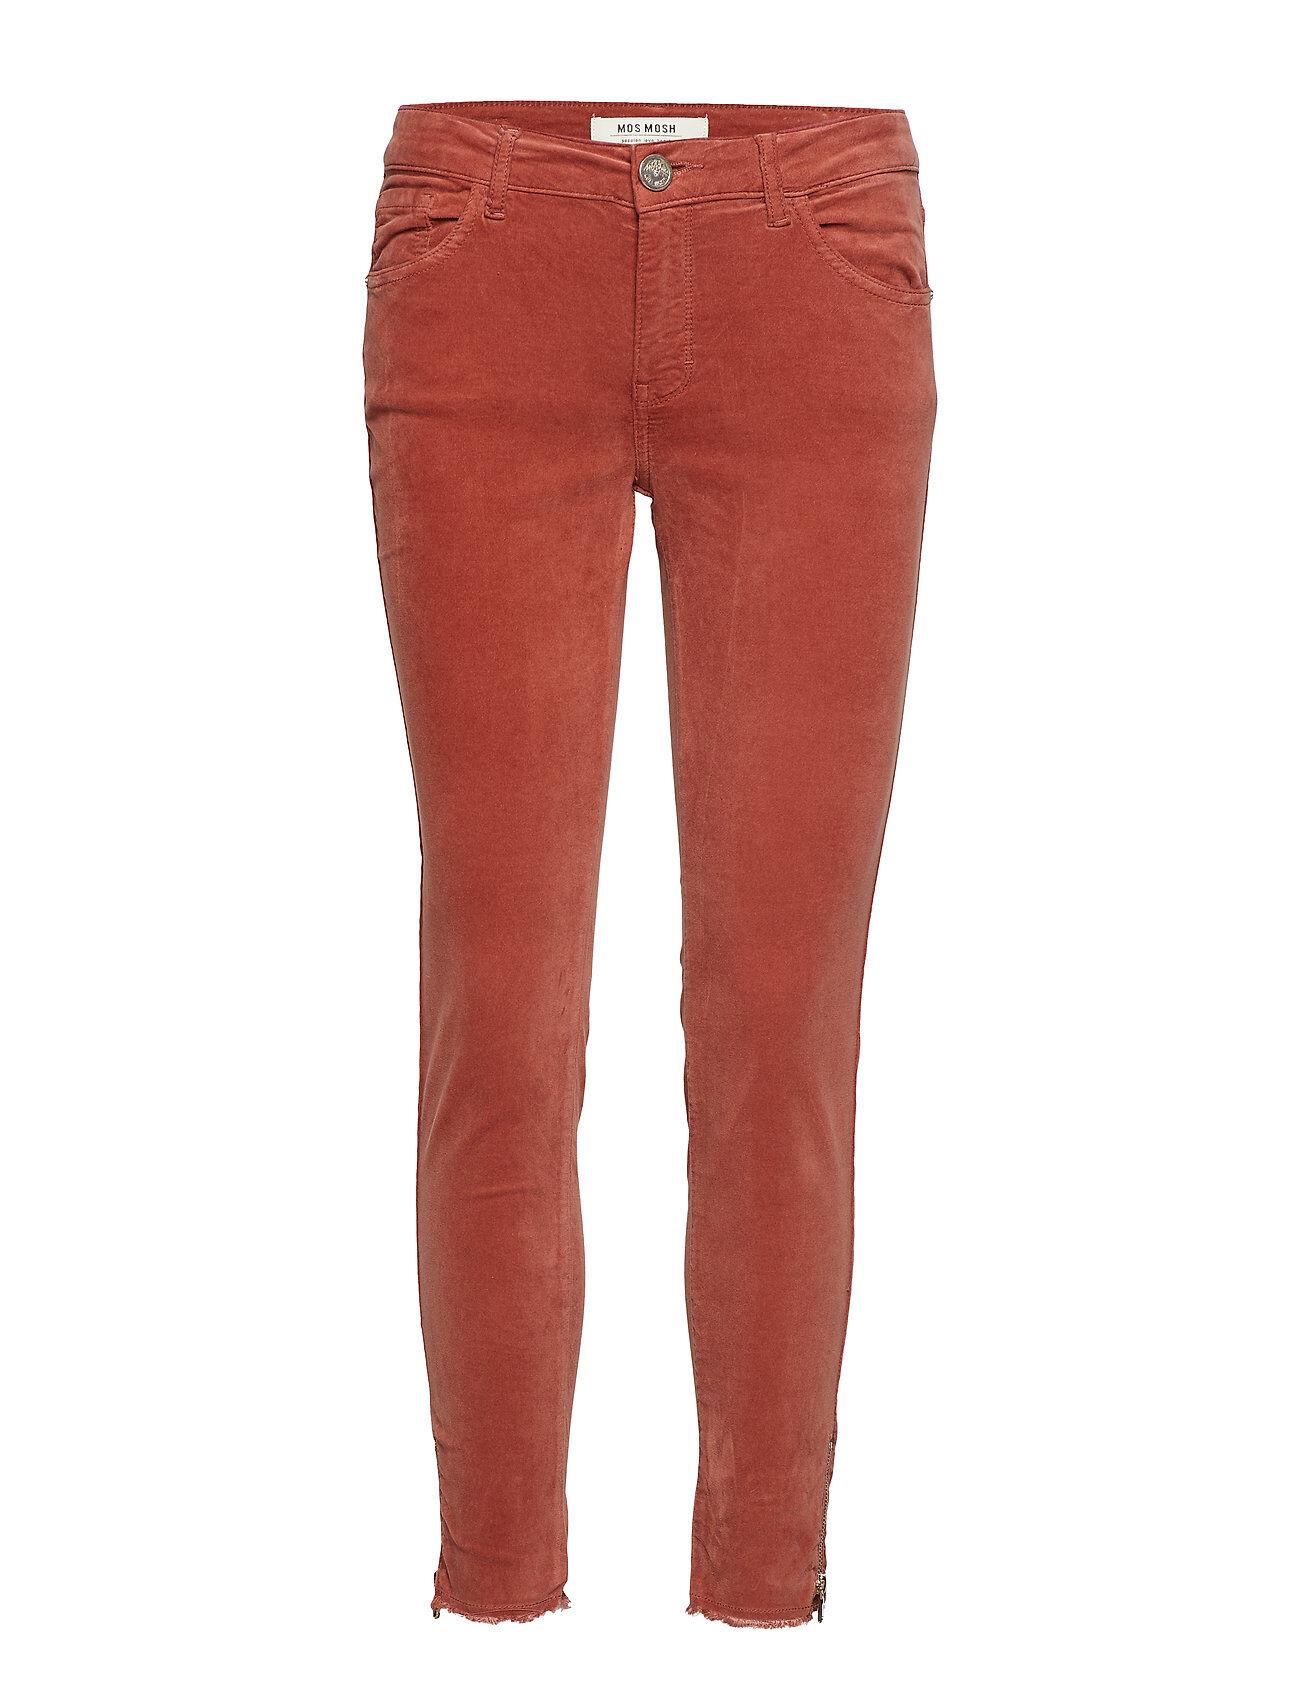 MOS MOSH Sumner Velvet Zip Pant